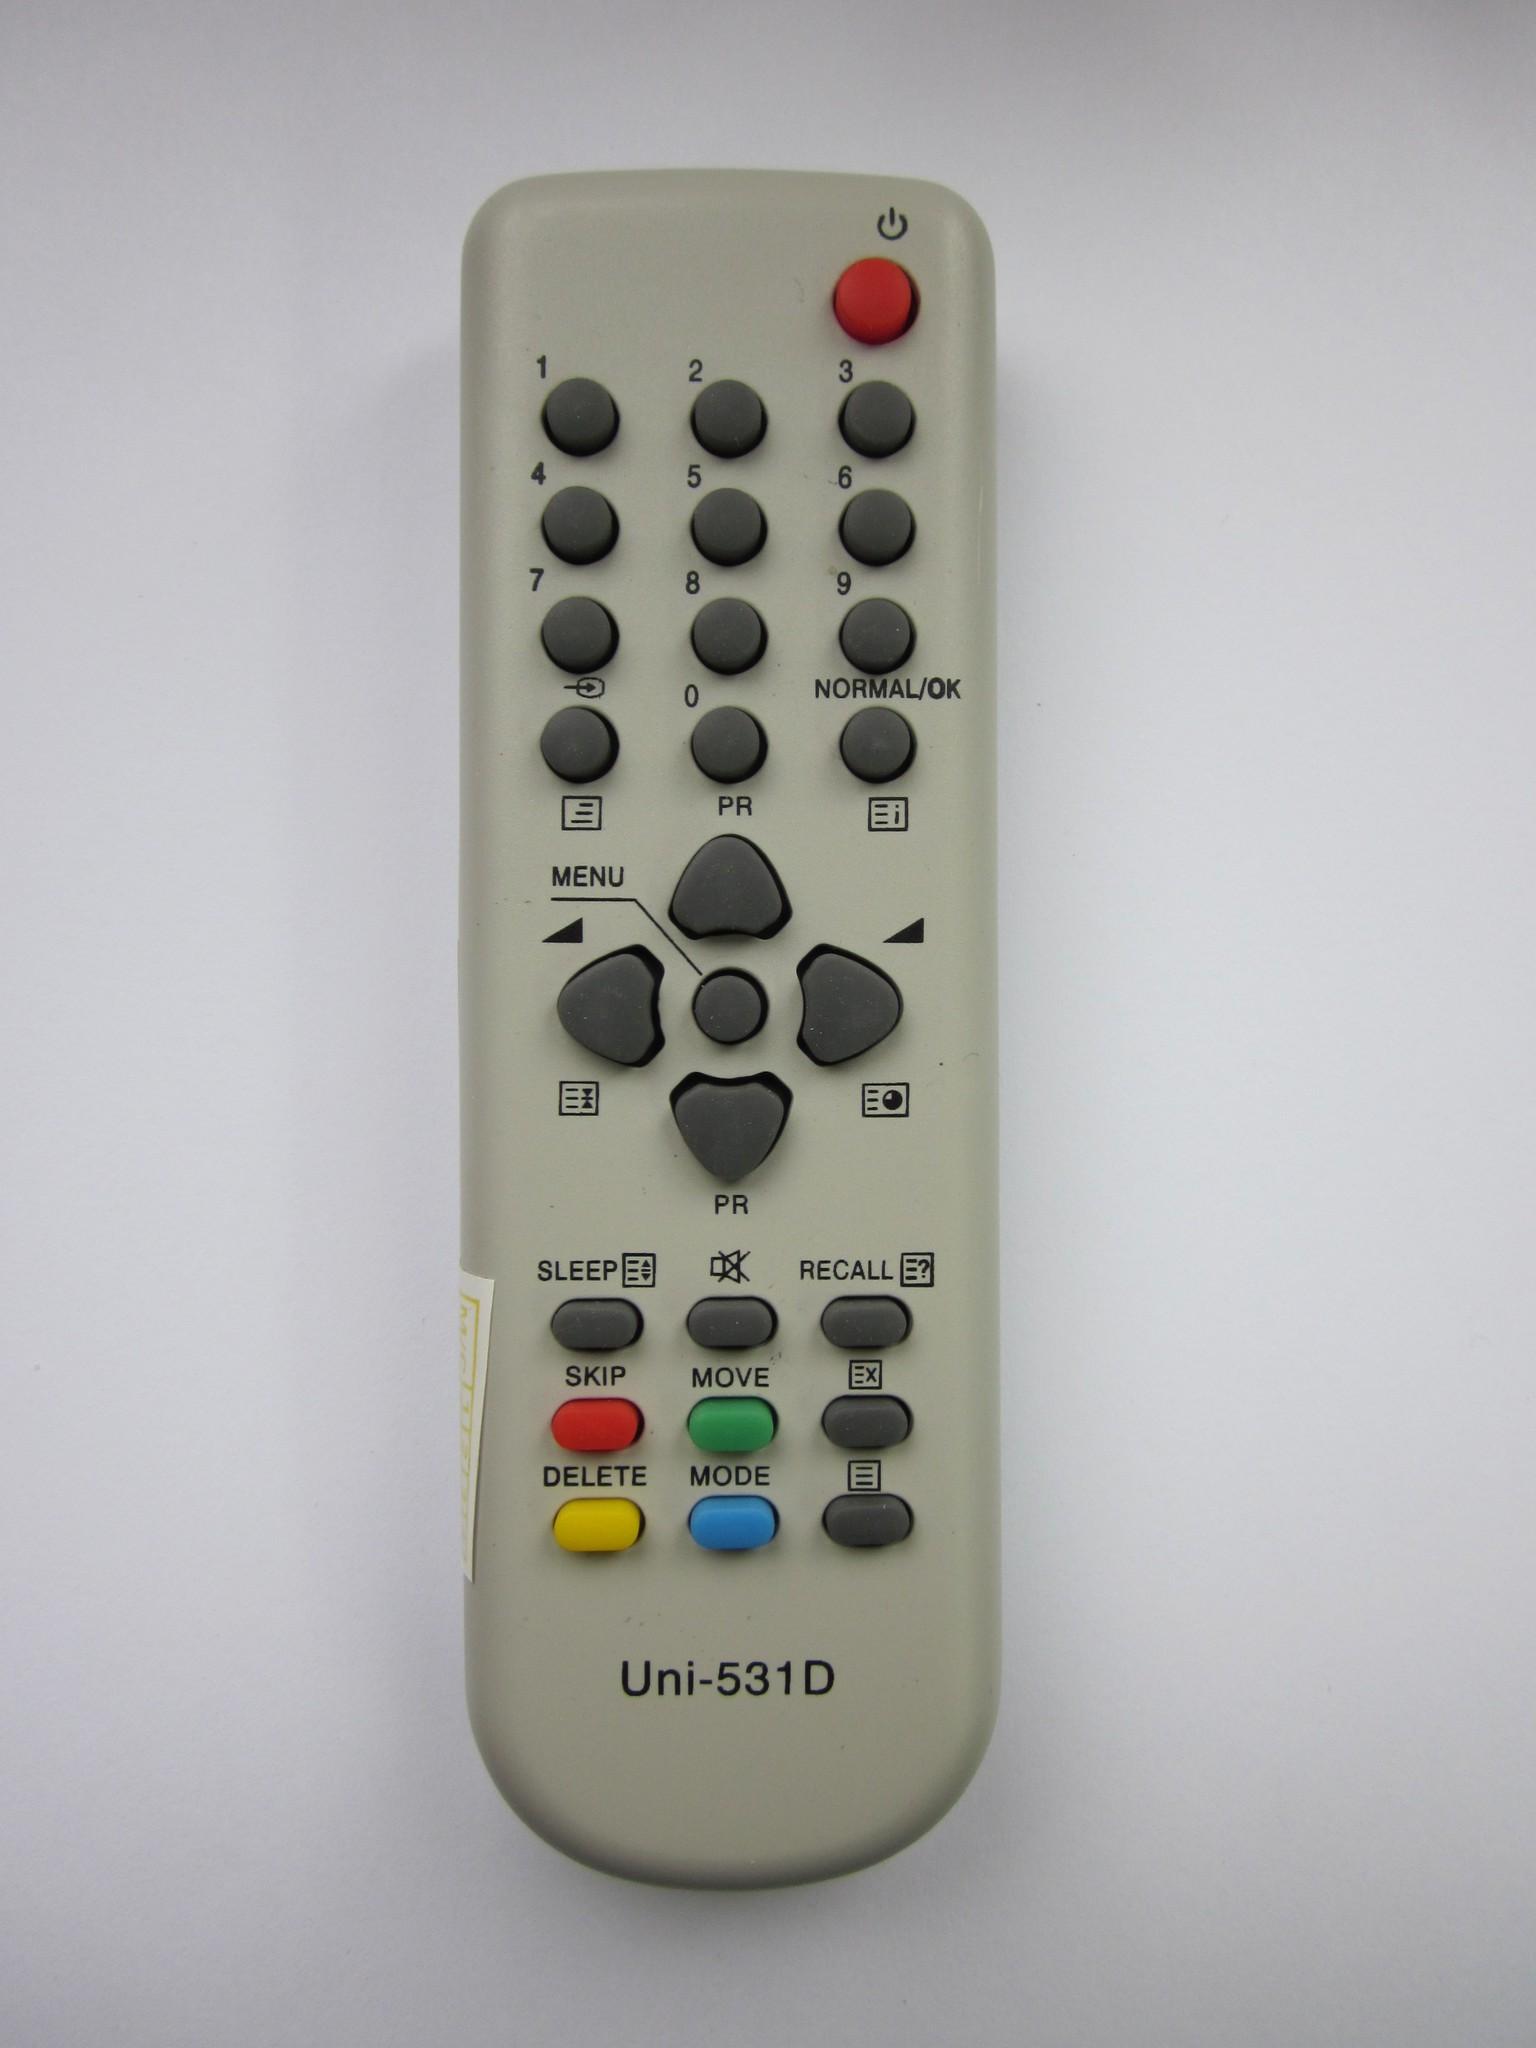 RM-531D